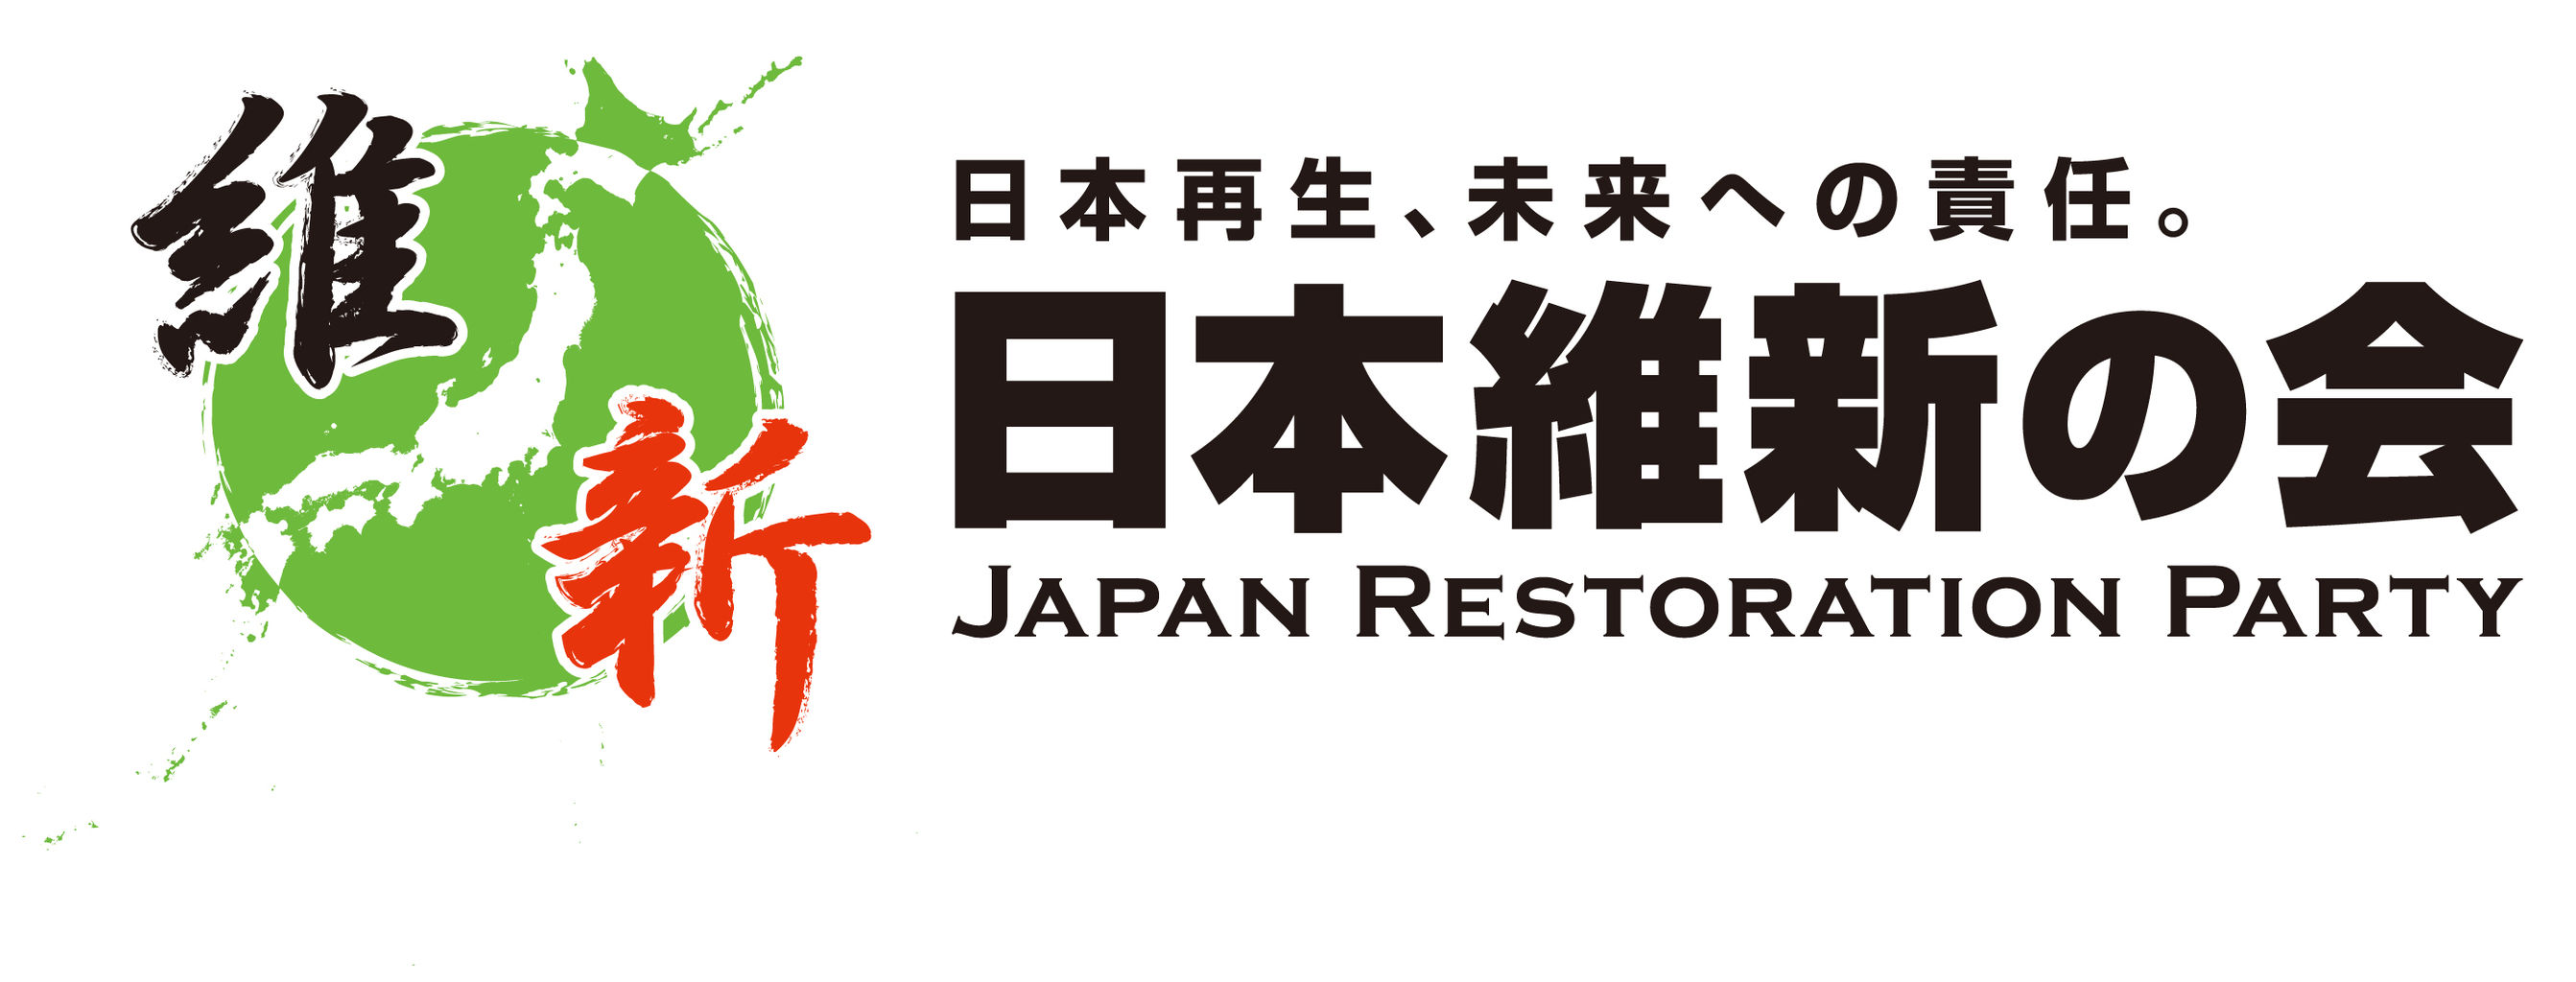 http://yuruneto.com/wp-content/uploads/2016/09/adb0991f.jpg